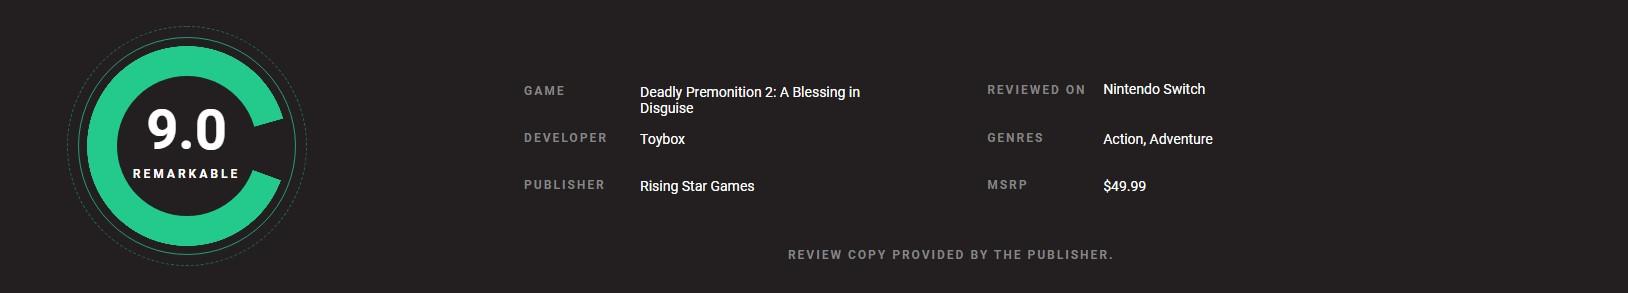 《致命预感2》IGN 5分:不亮点 非常一般 战斗僵硬